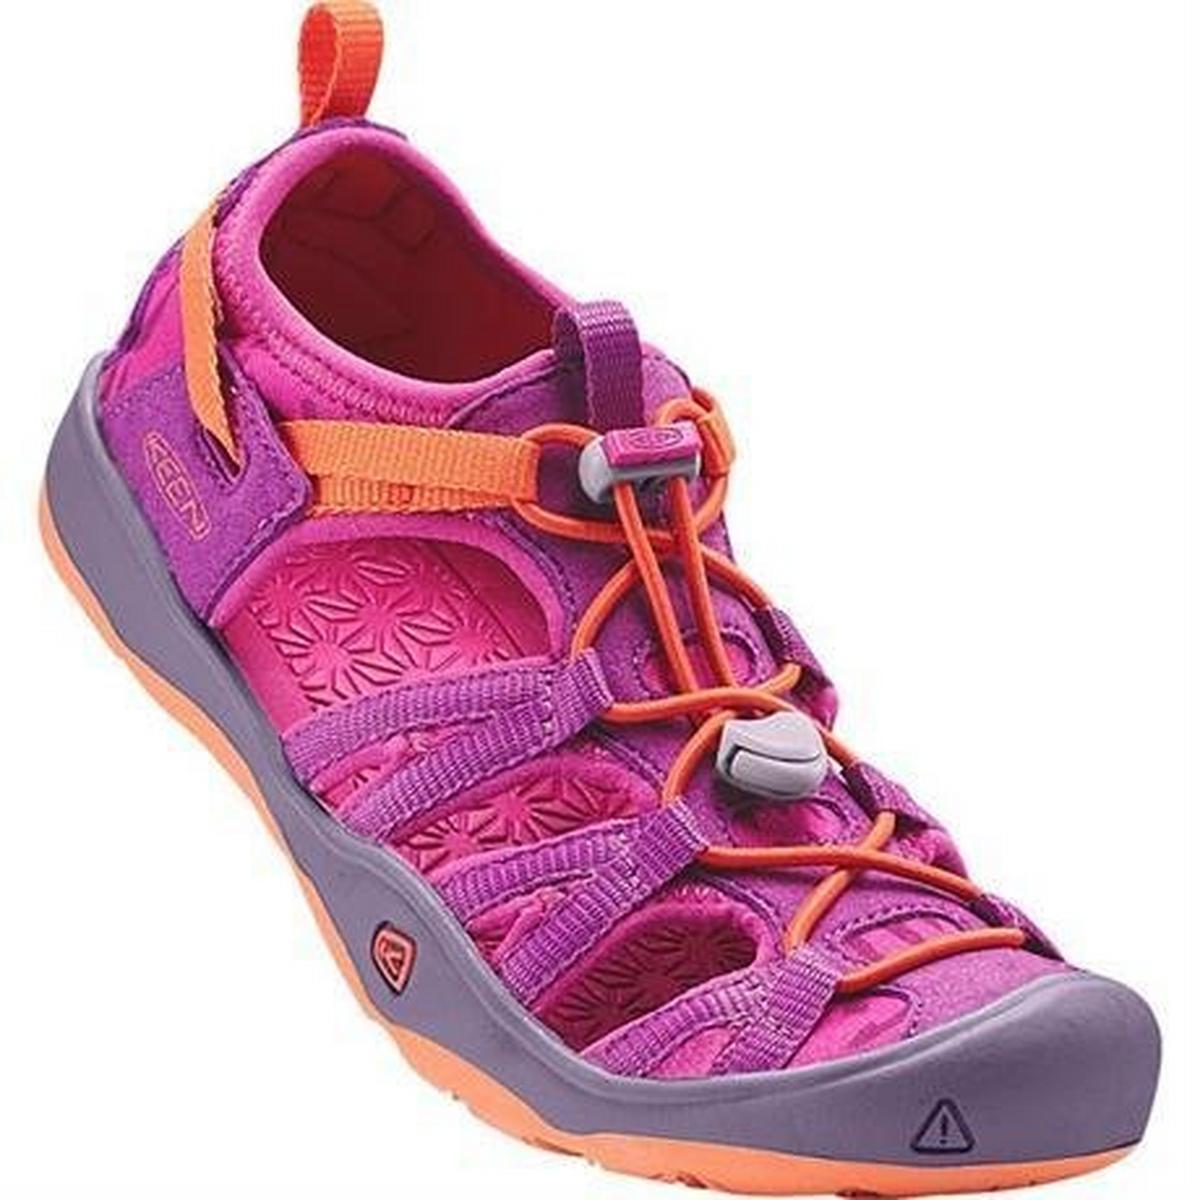 Keen Sandals Children's Moxie YOUTH Purple Wine/Nasturtium